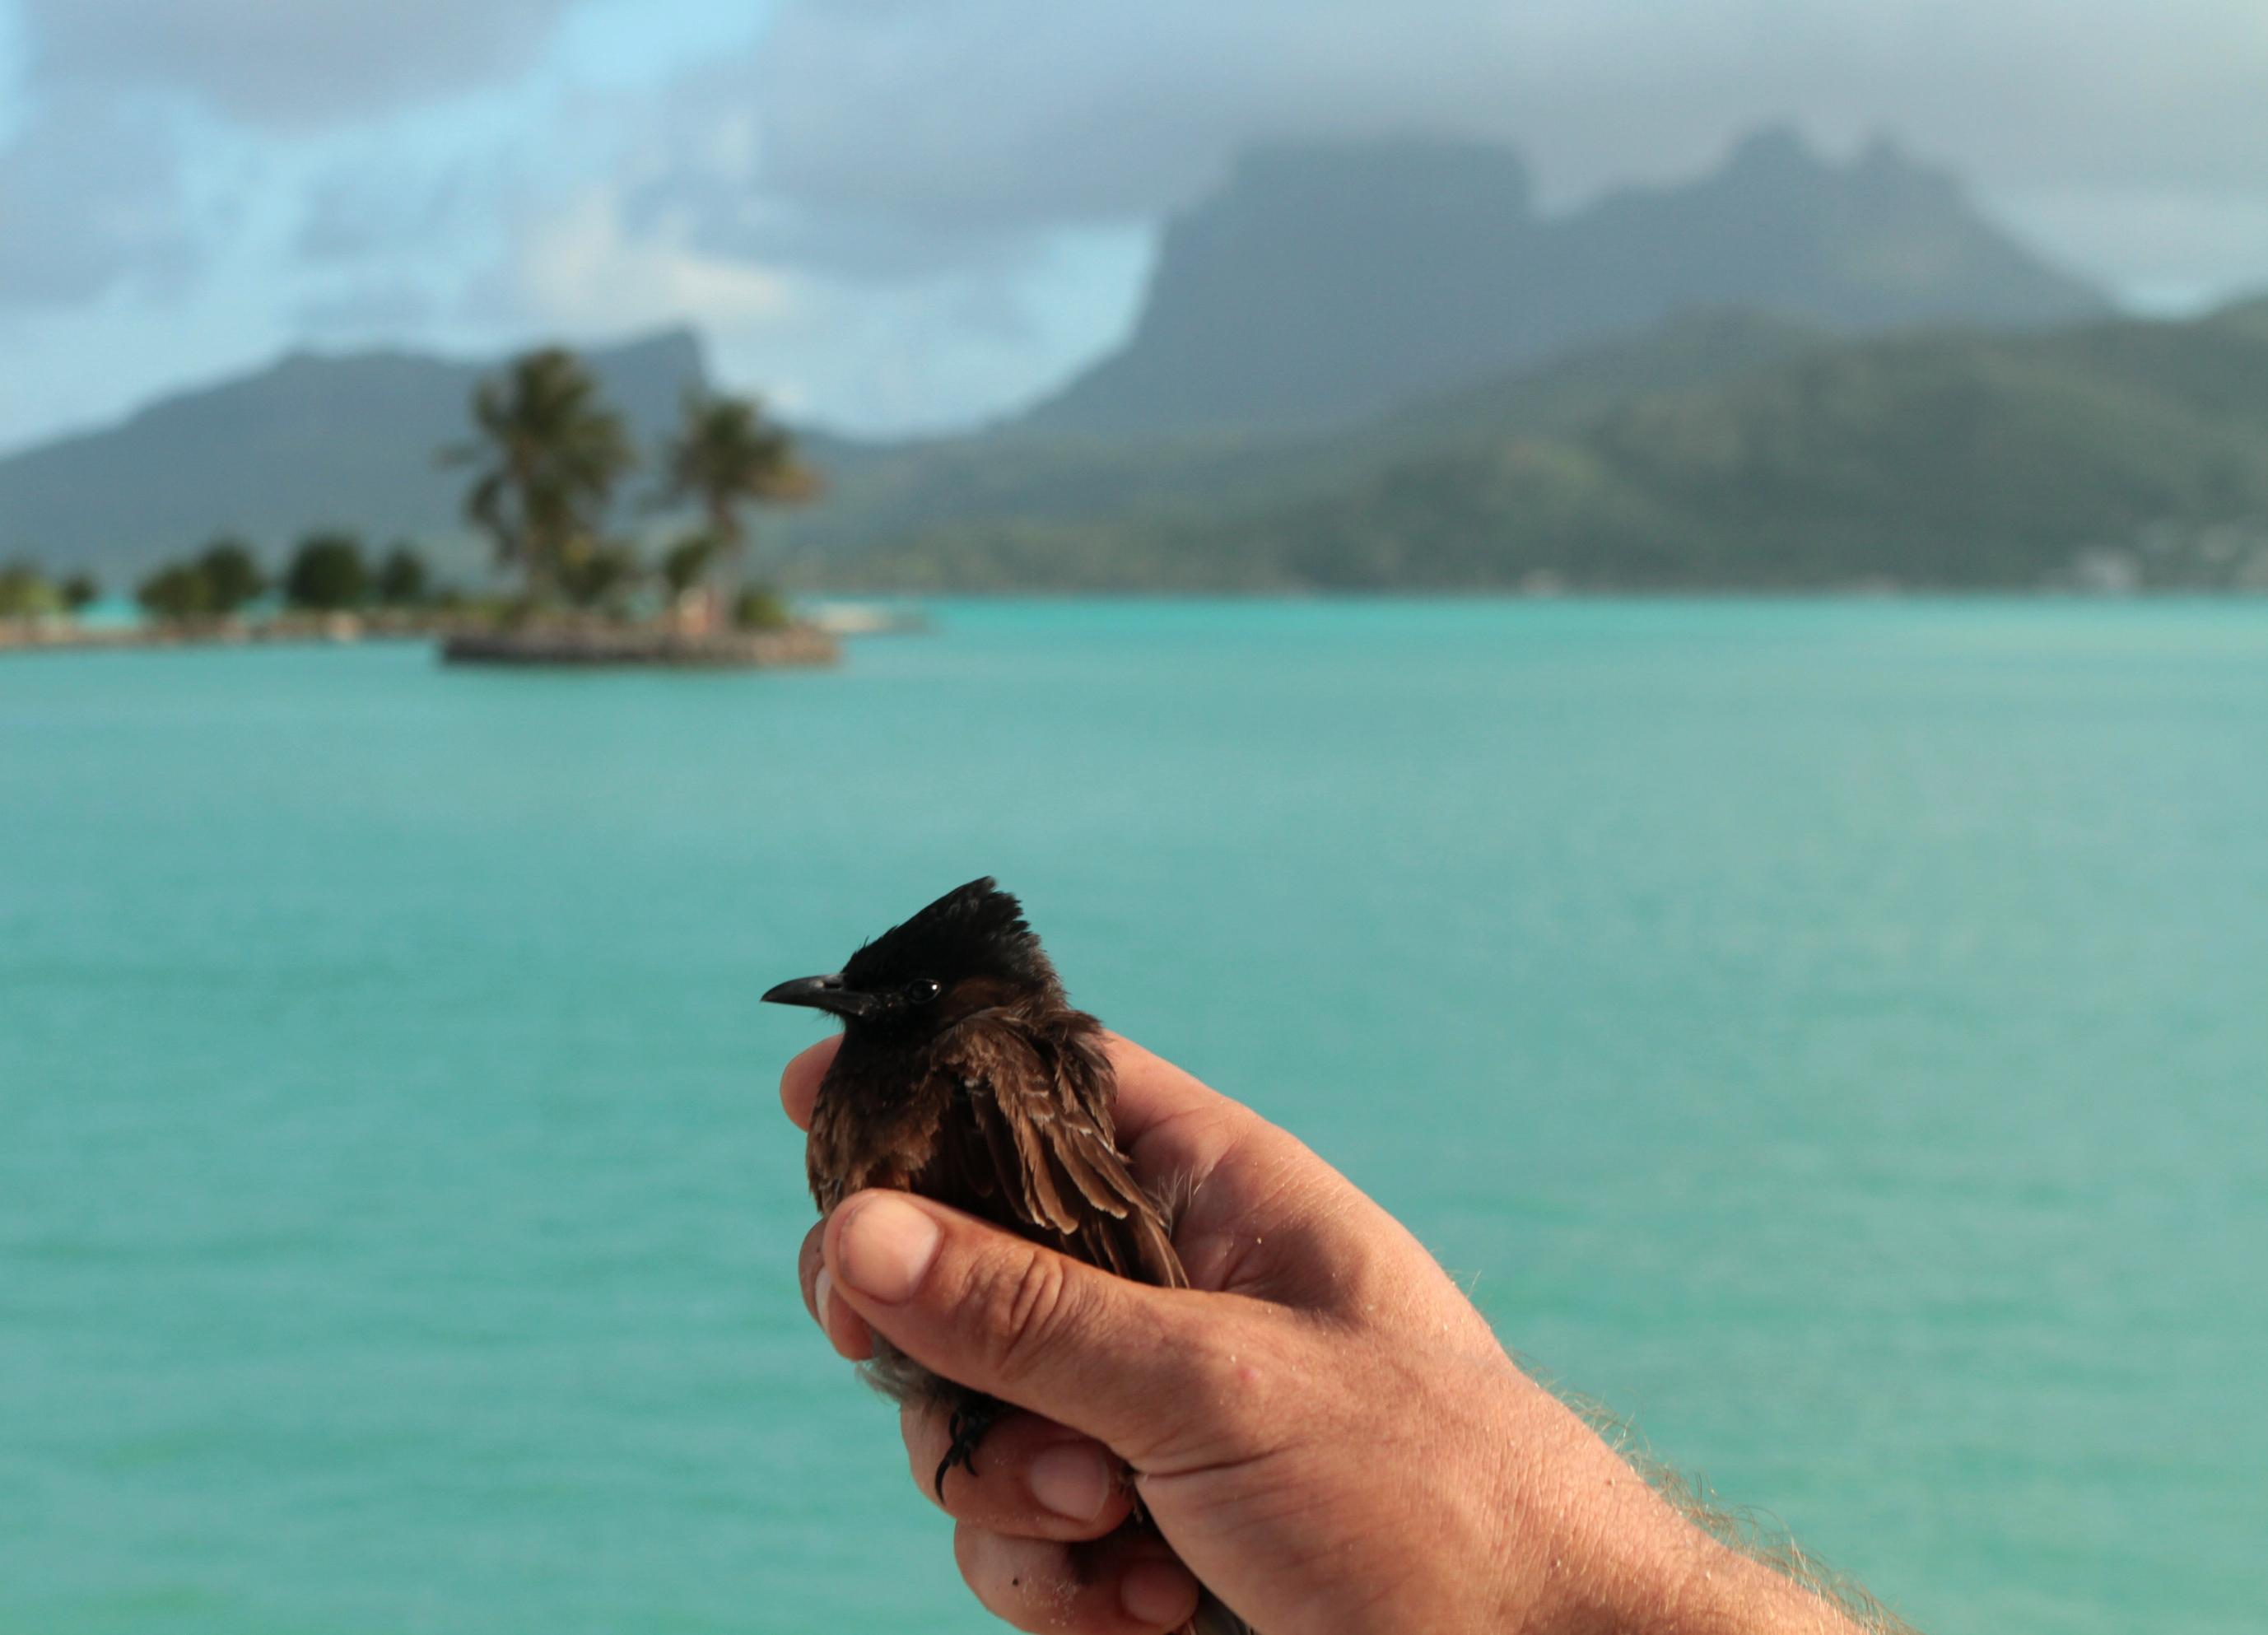 Le bulbul à ventre rouge est en train d'envahir Bora Bora, mais les autorités ont commencé à réagir (crédit Thomas Ghestemme)